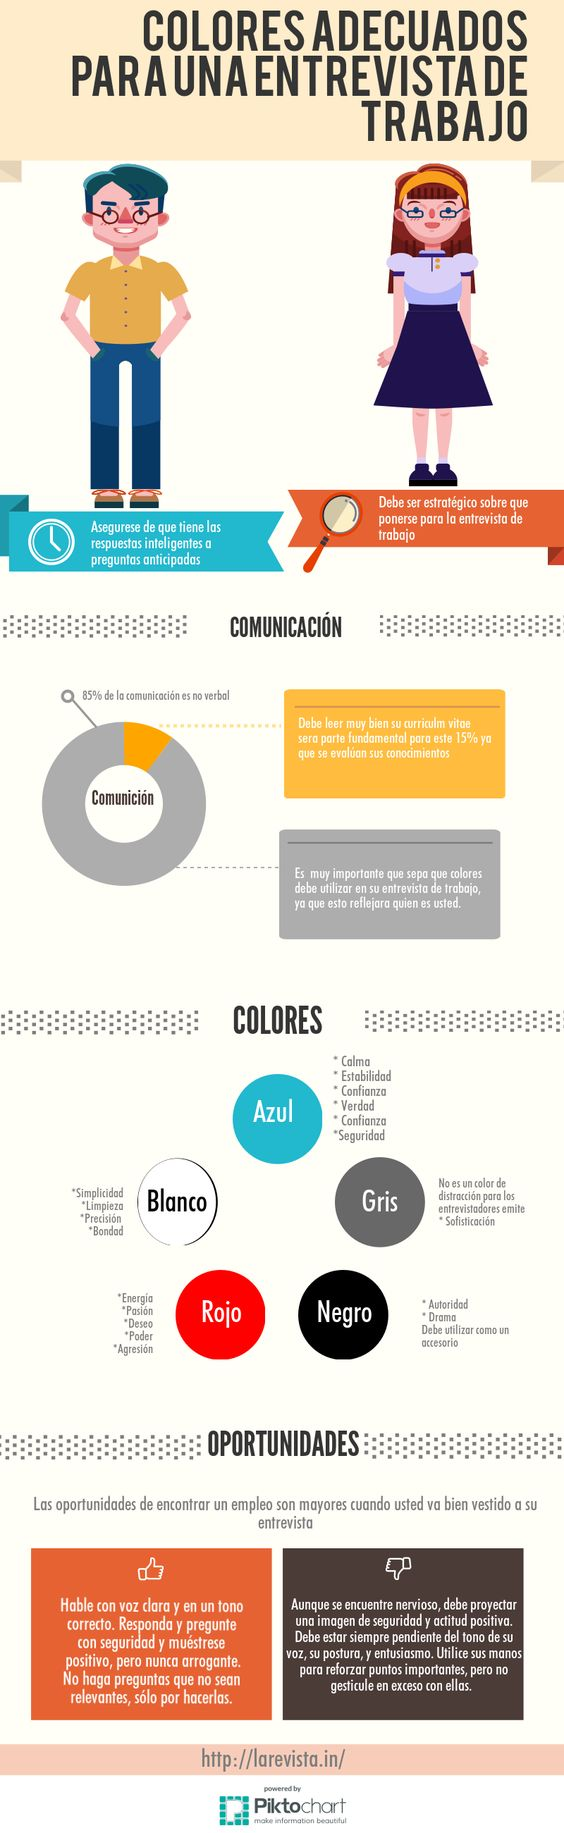 Colores adecuados para una entrevista de trabajo #infografia #infographic #empleo: